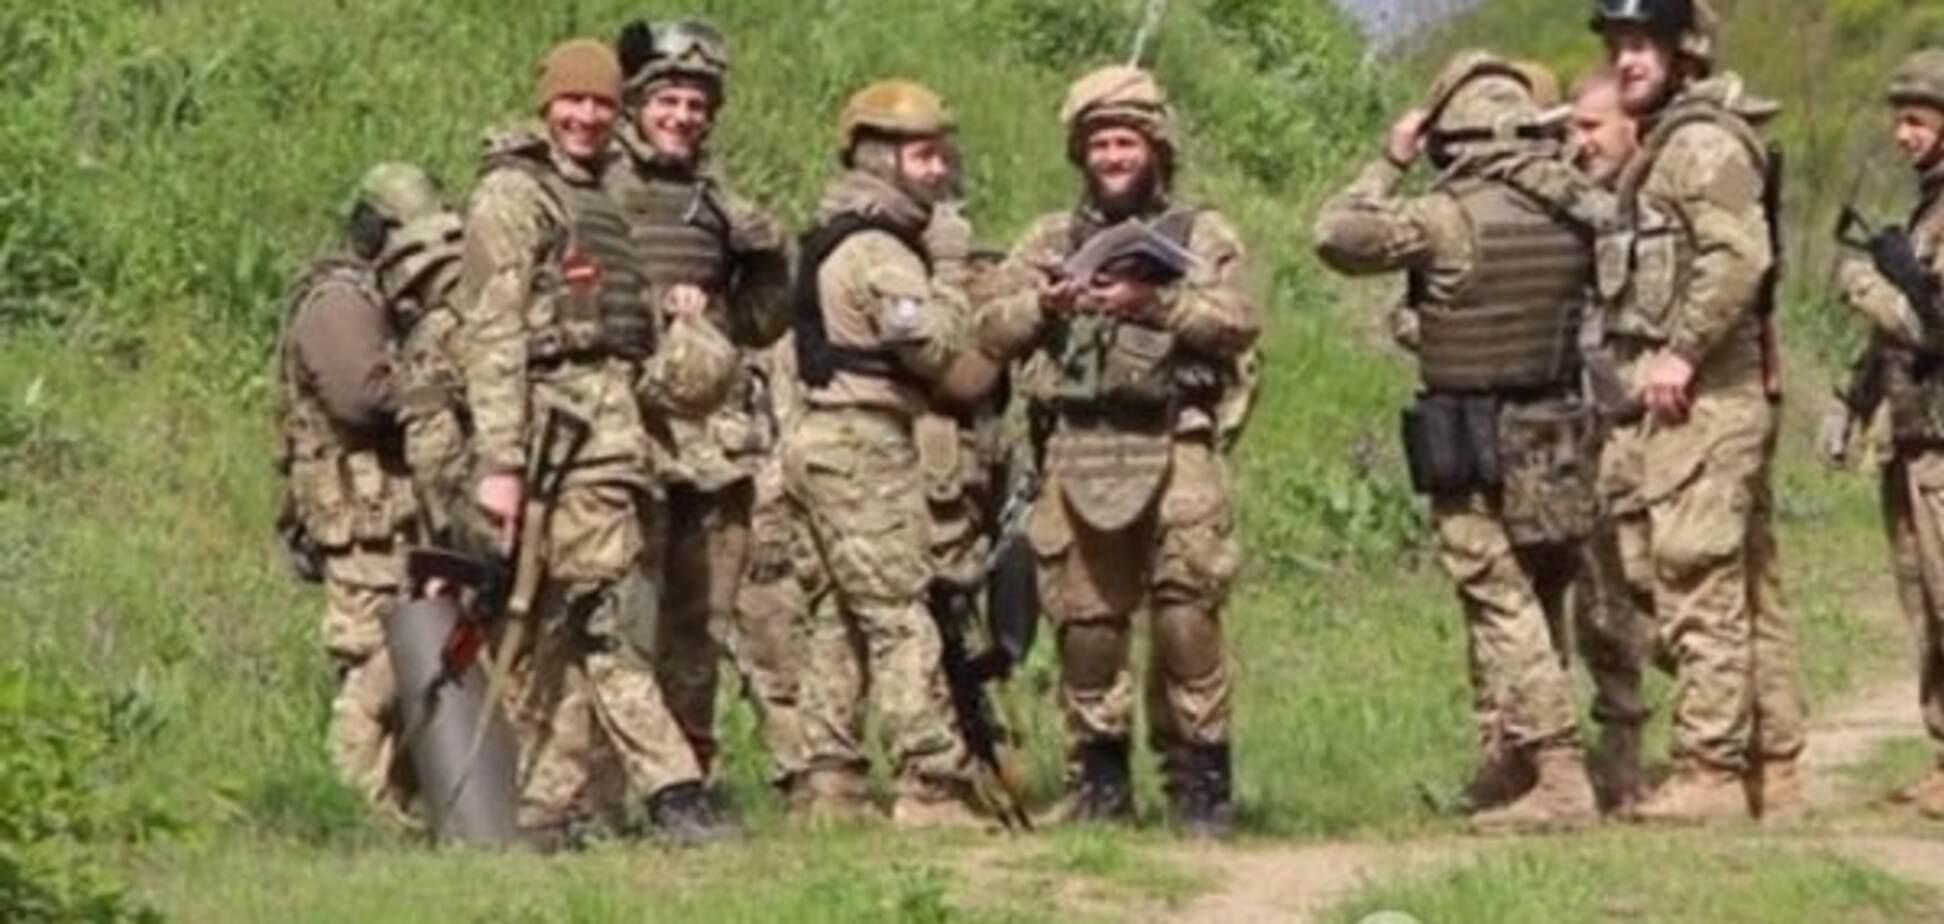 Гроза сепаратистів і 300 'азовців': бійці прибули захищати Одесу. Фоторепортаж